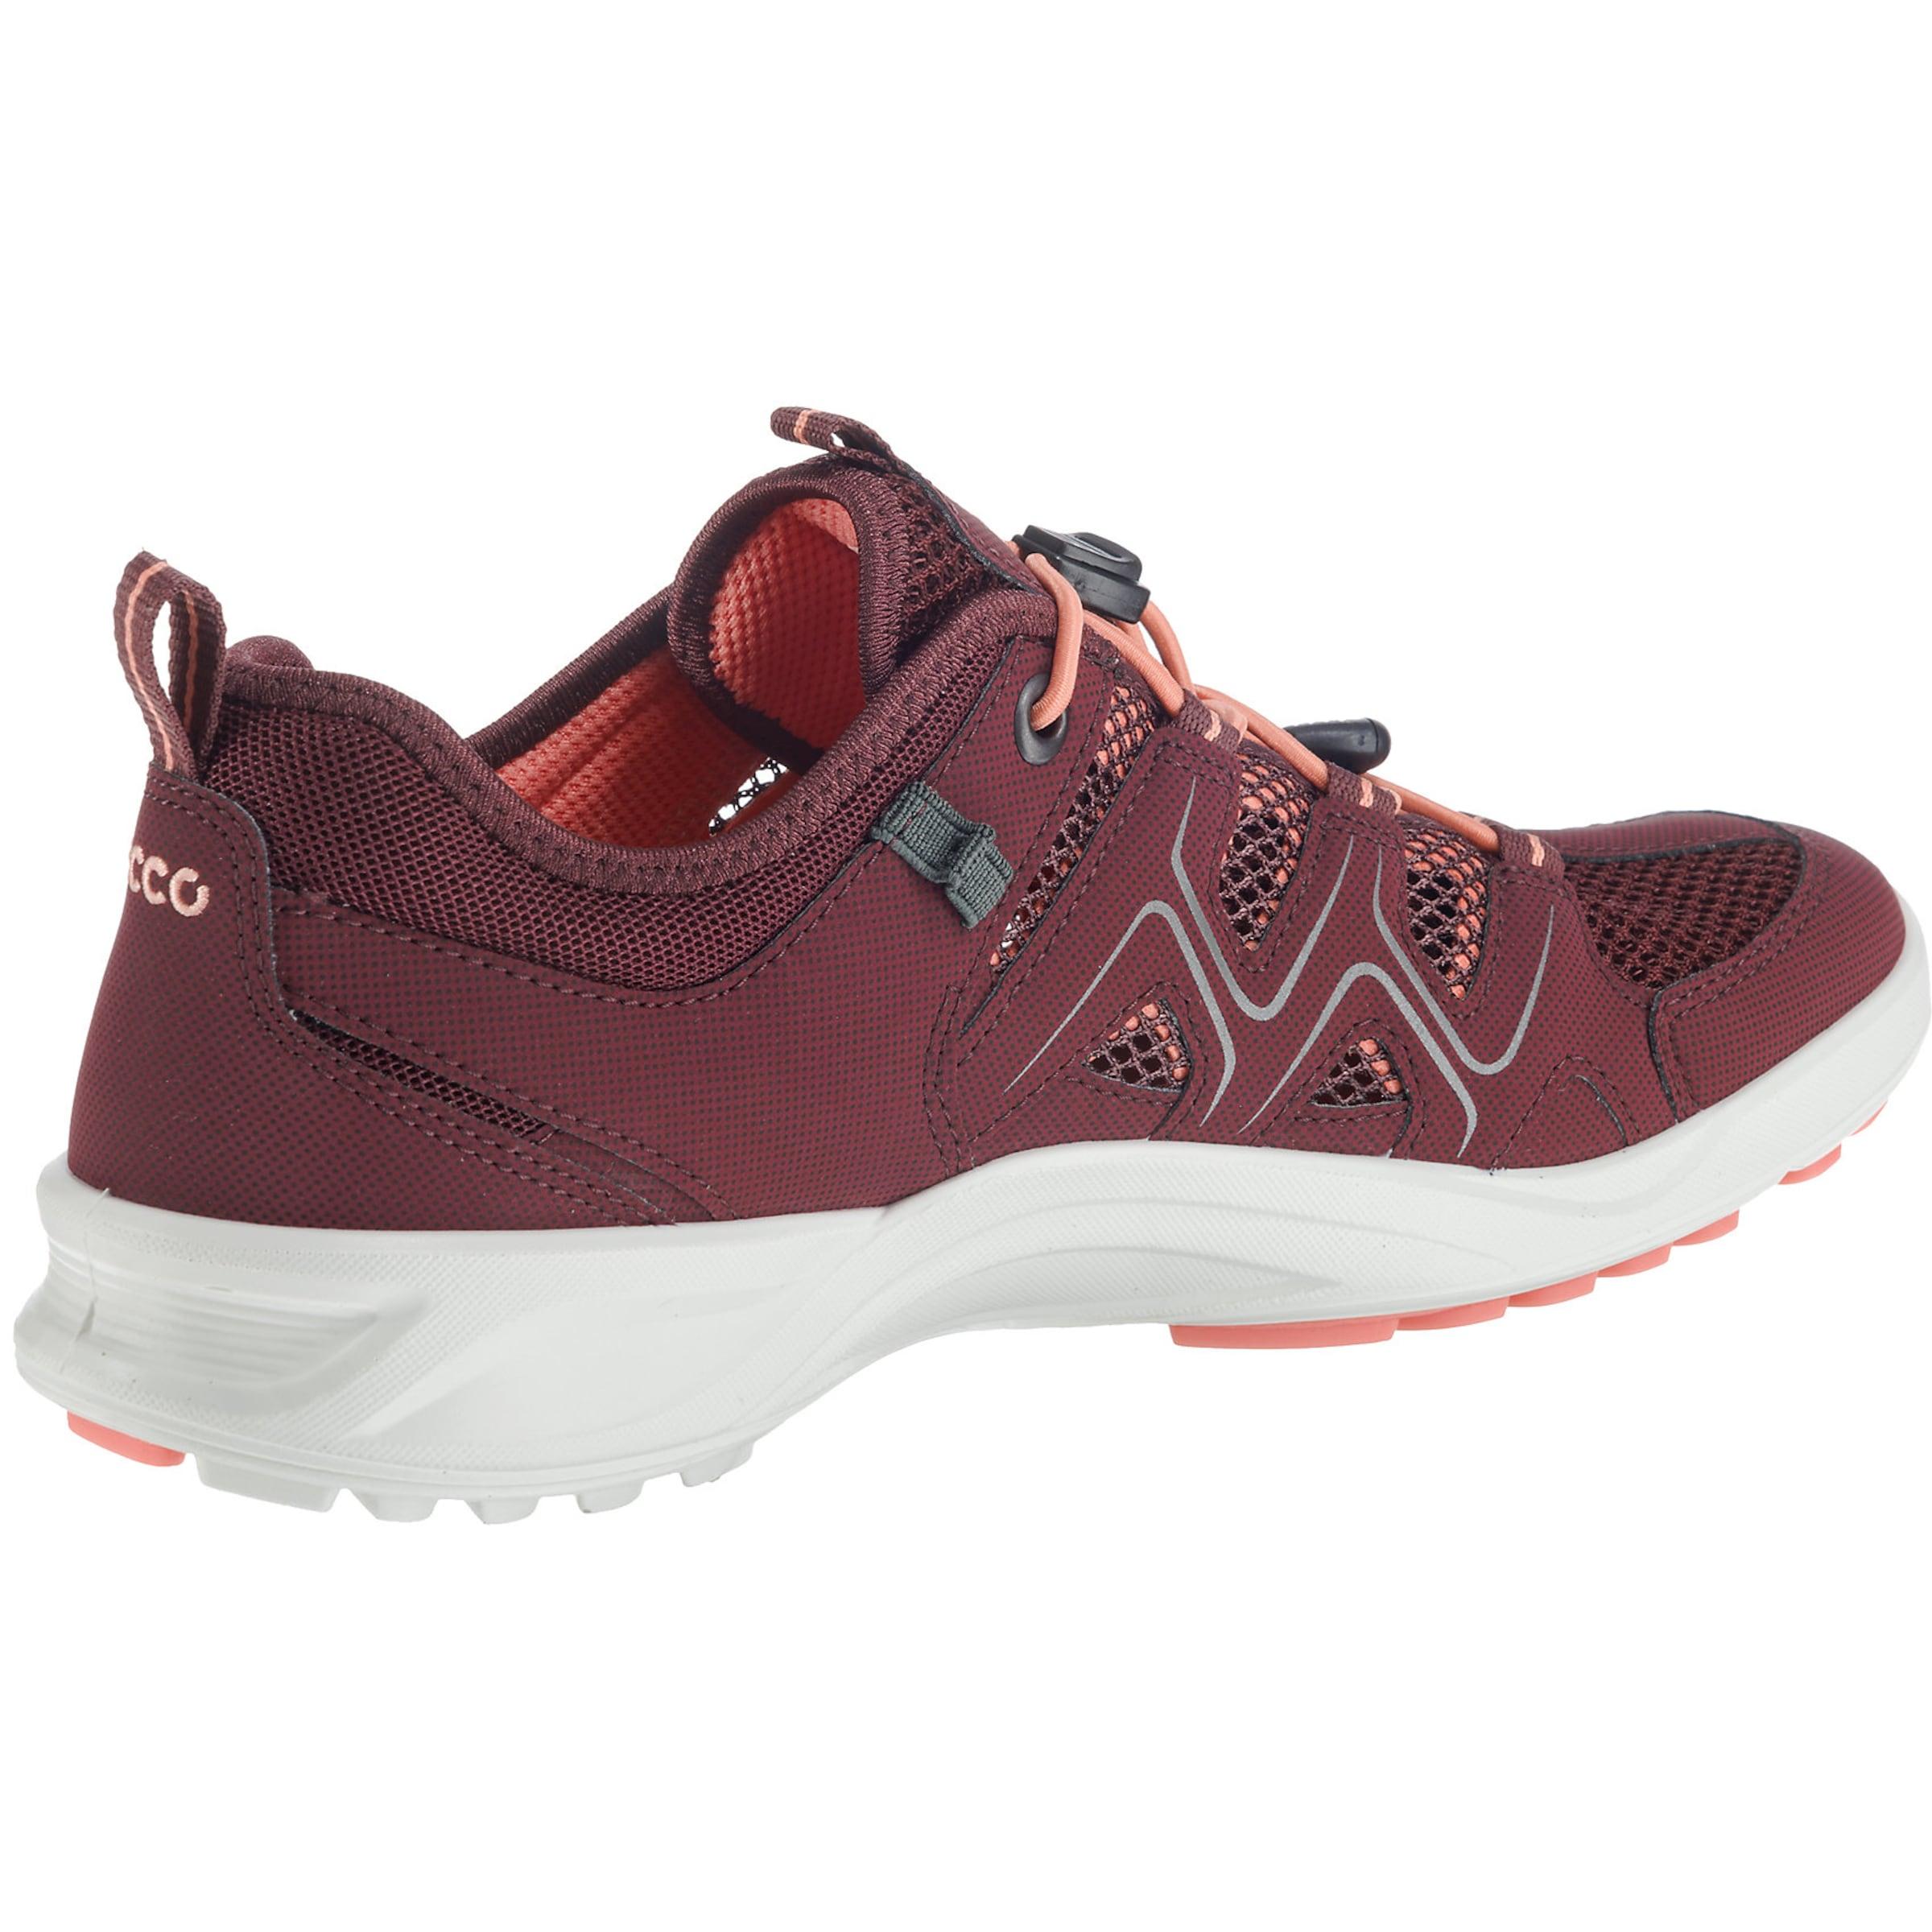 In Sneakers Yabuck Bordeaux Navy Ecco 'biom Yak' Fjuel 8ynPwN0vmO